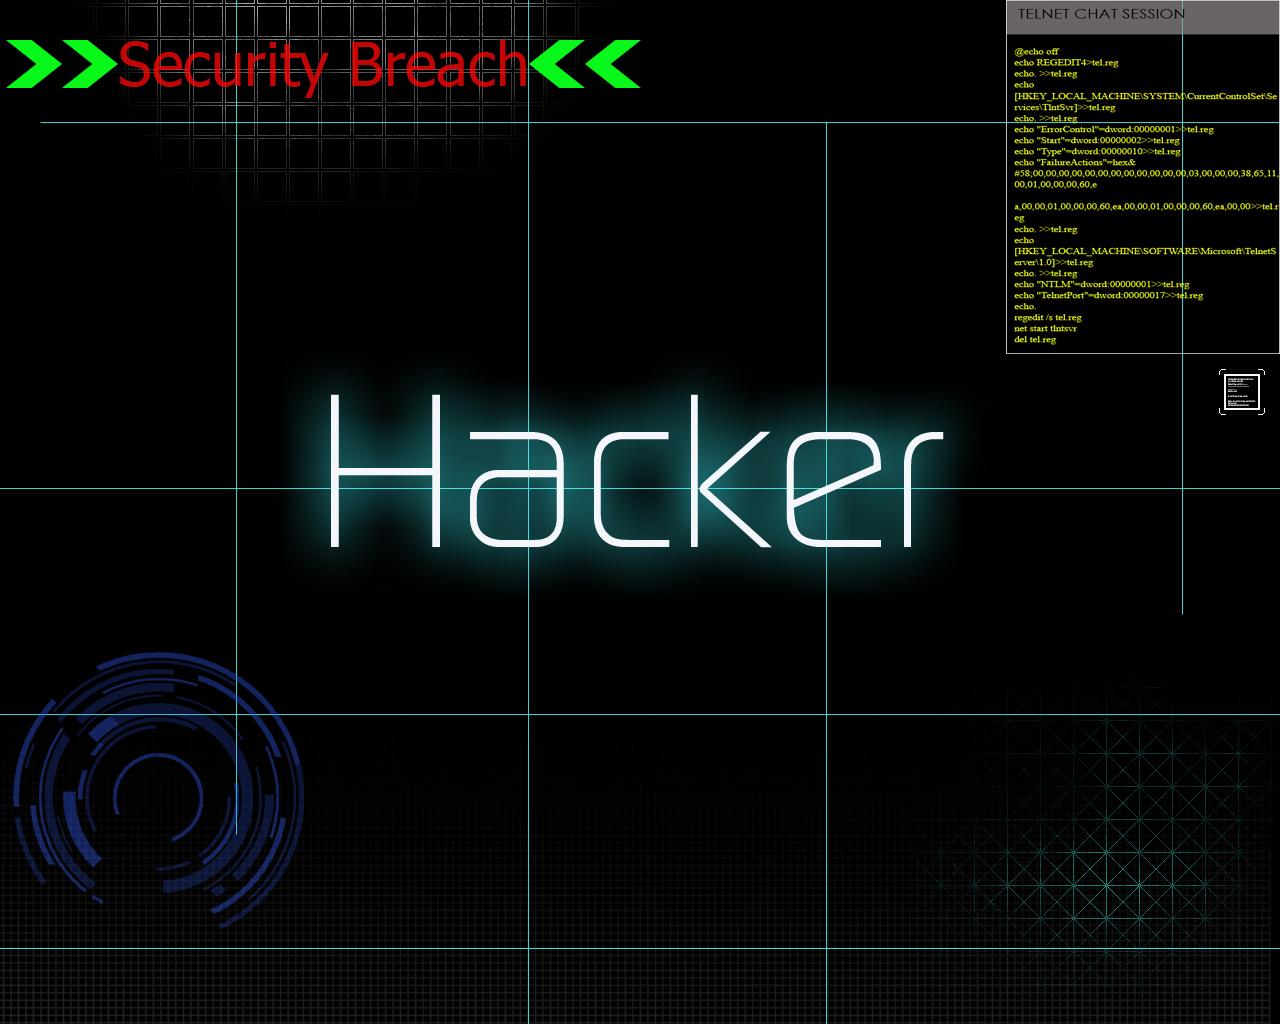 http://3.bp.blogspot.com/_eLxlrzunXWU/TPf3EUleU4I/AAAAAAAAAA4/O5BGlfkT3j8/s1600/Hacker_Wallpaper_1280x1024_by_Pengo1.jpg